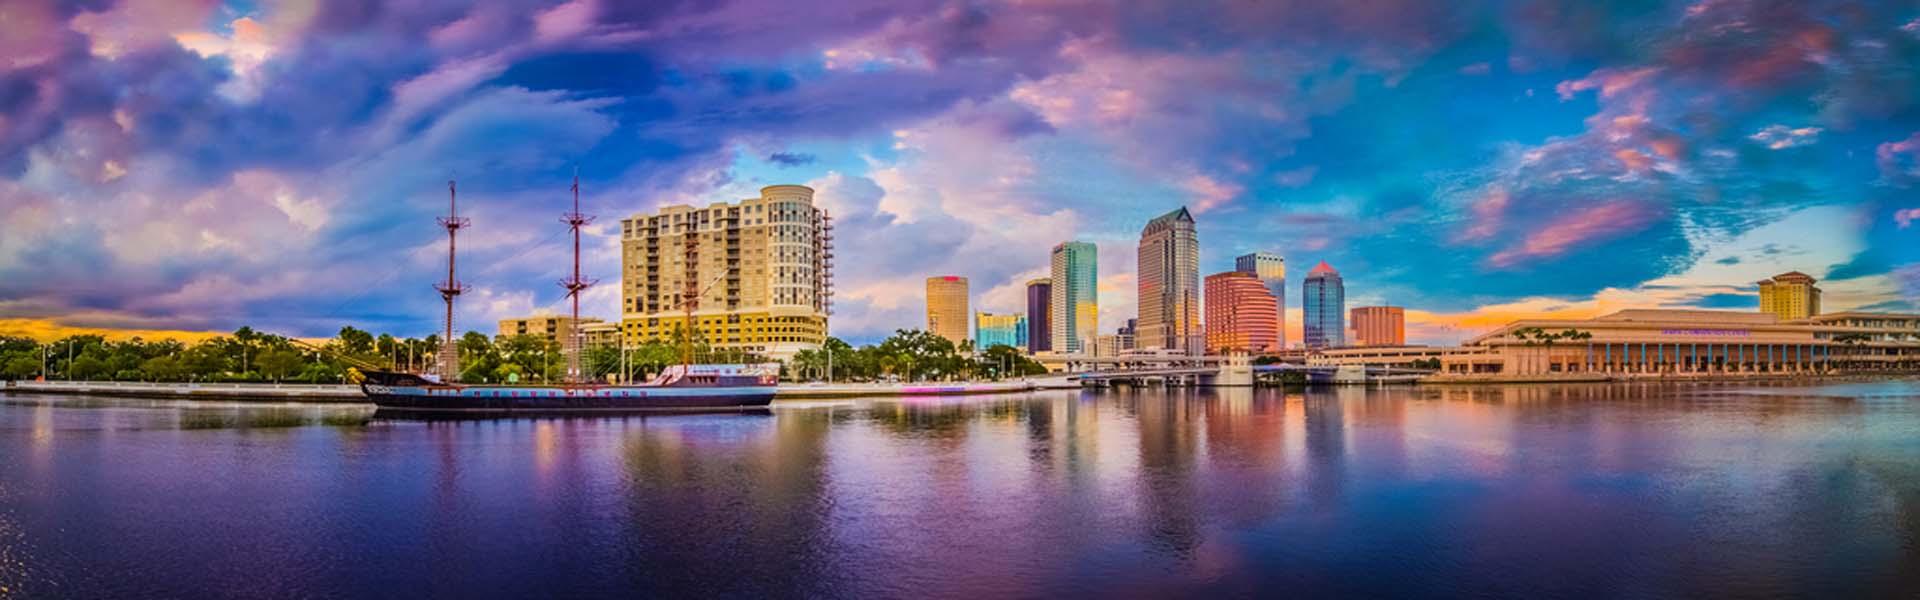 Florida Tampa Bay Area InfraGard